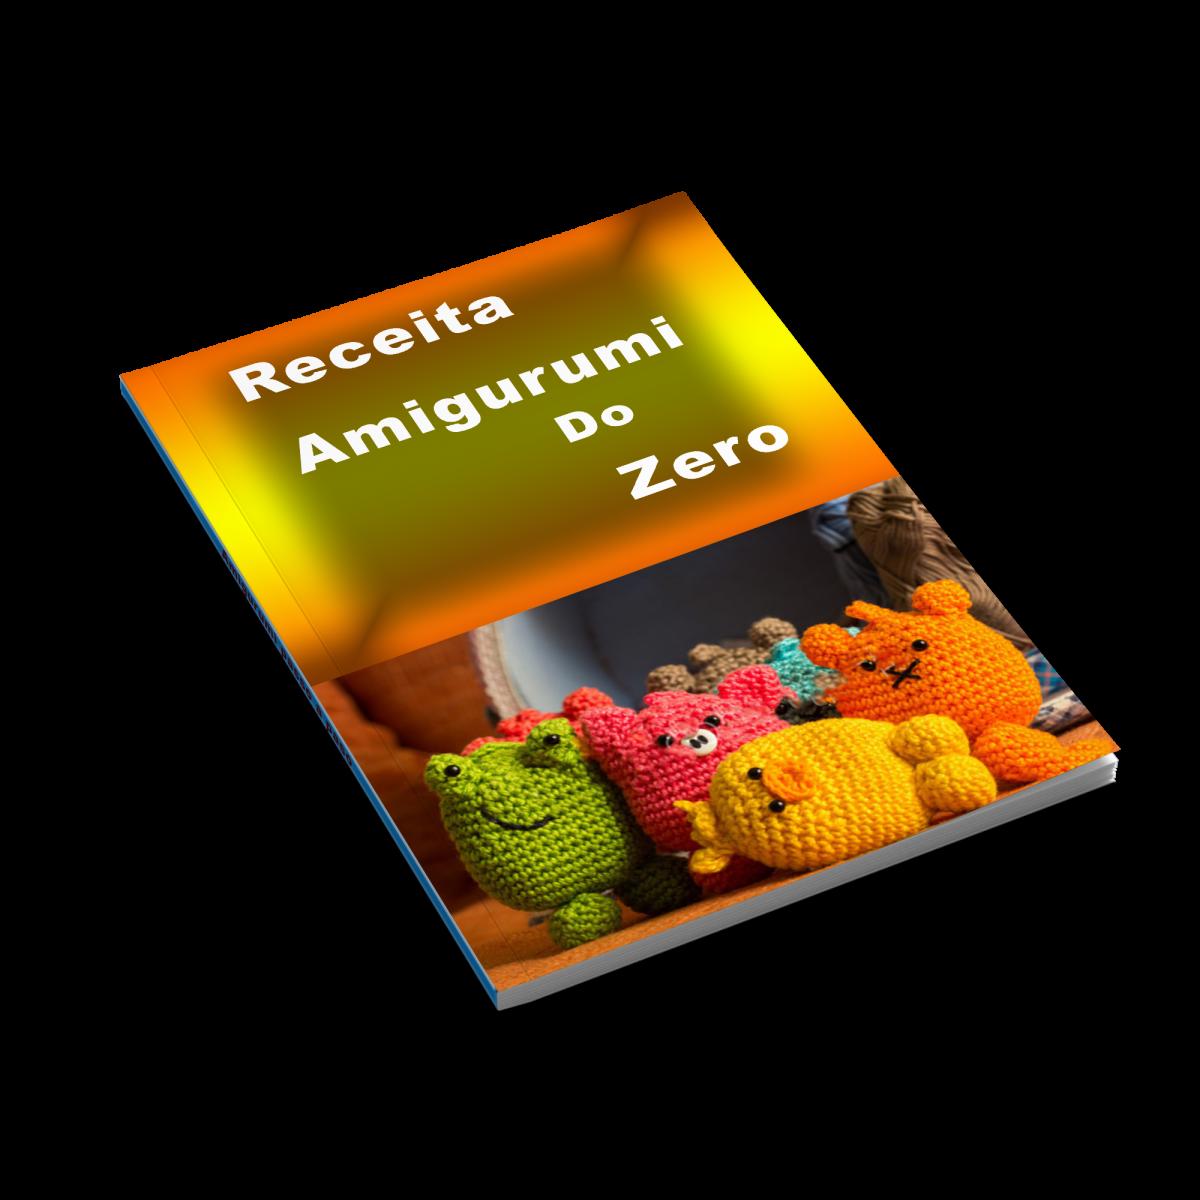 Ebook receitas Amigurumi